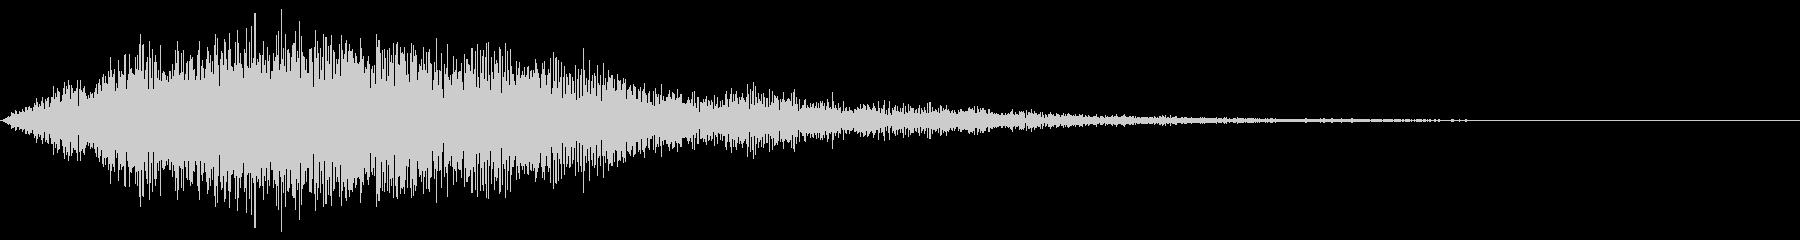 【ホラーゲーム演出】雷シンセパッド_01の未再生の波形